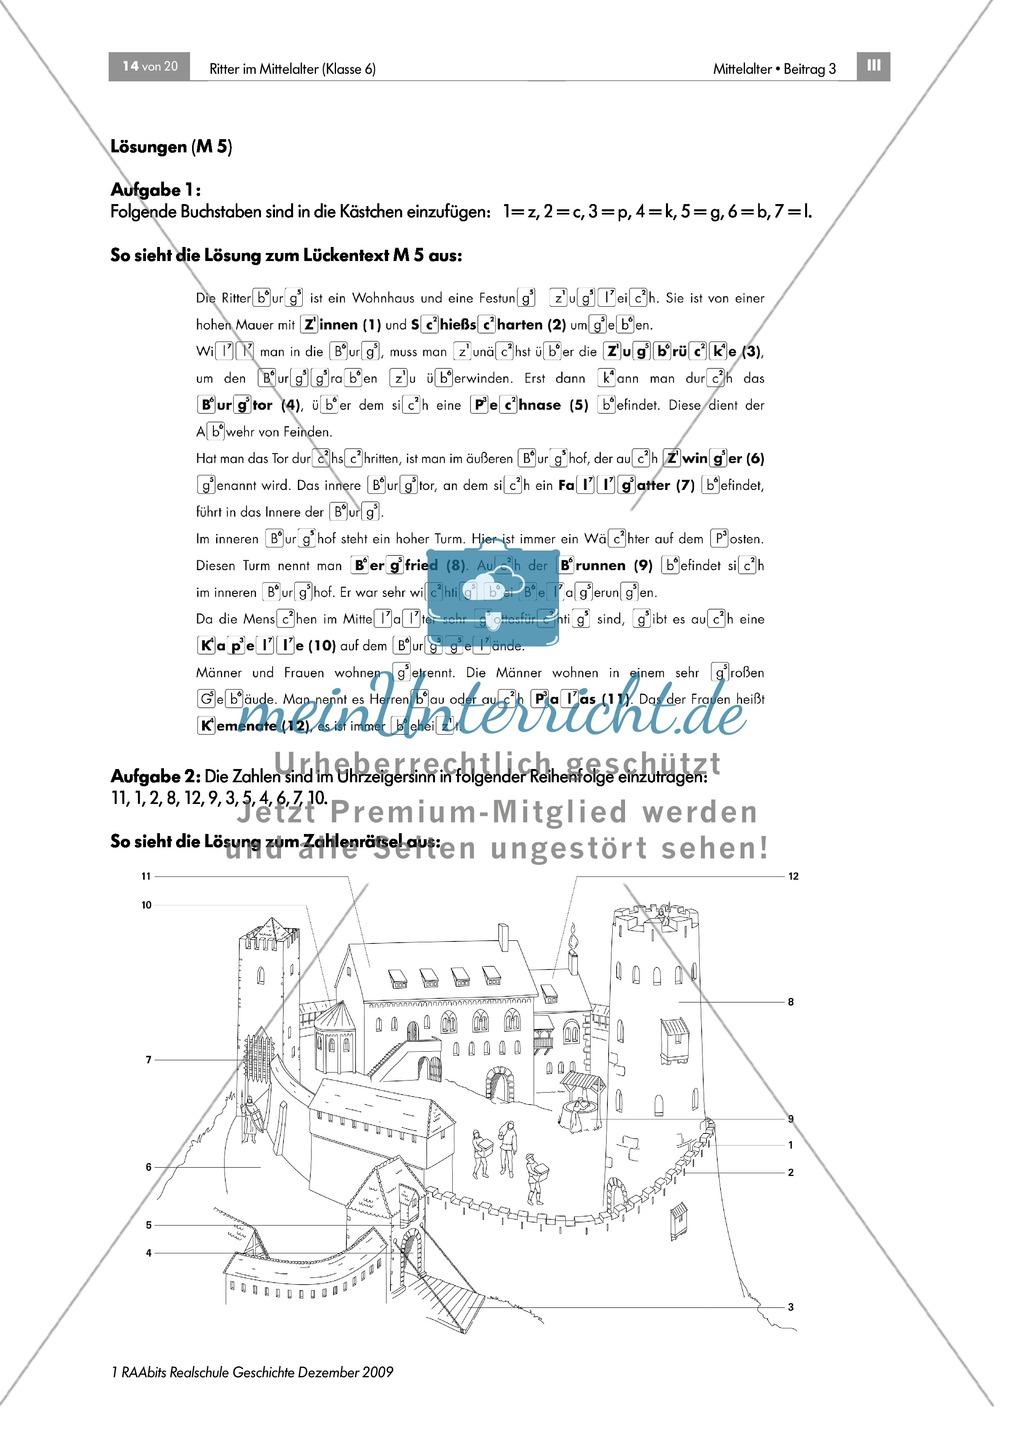 Das Leben der Ritter im Mittelalter: Funktionen und Eigenschaften ...